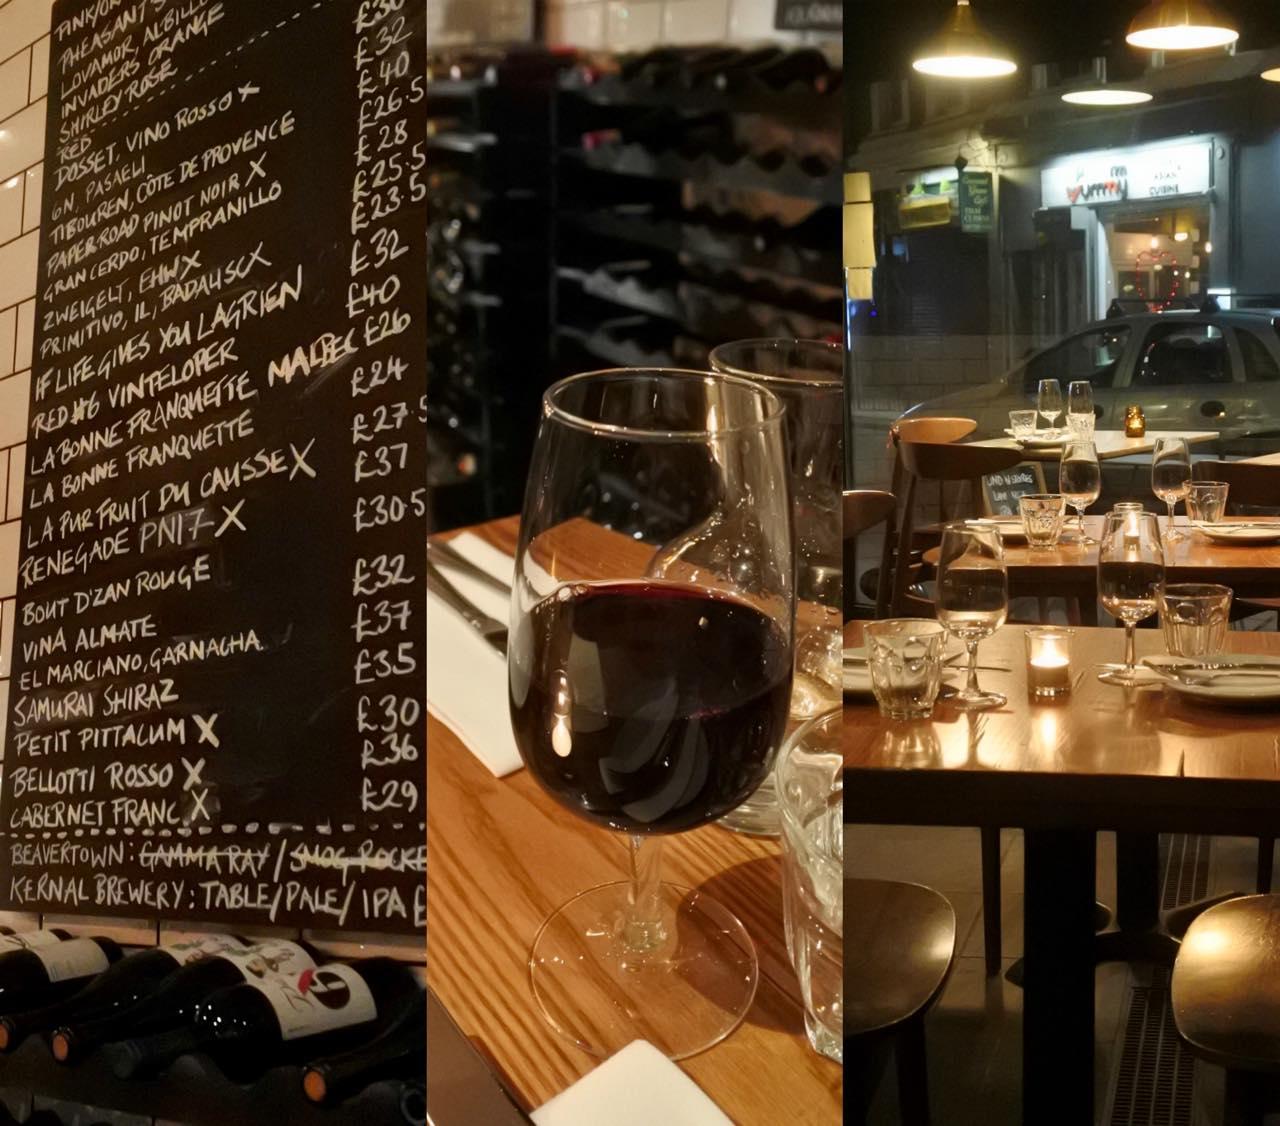 グラス・ワインが一律5ポンドというのは良心的。テイスティングにぴったり♡